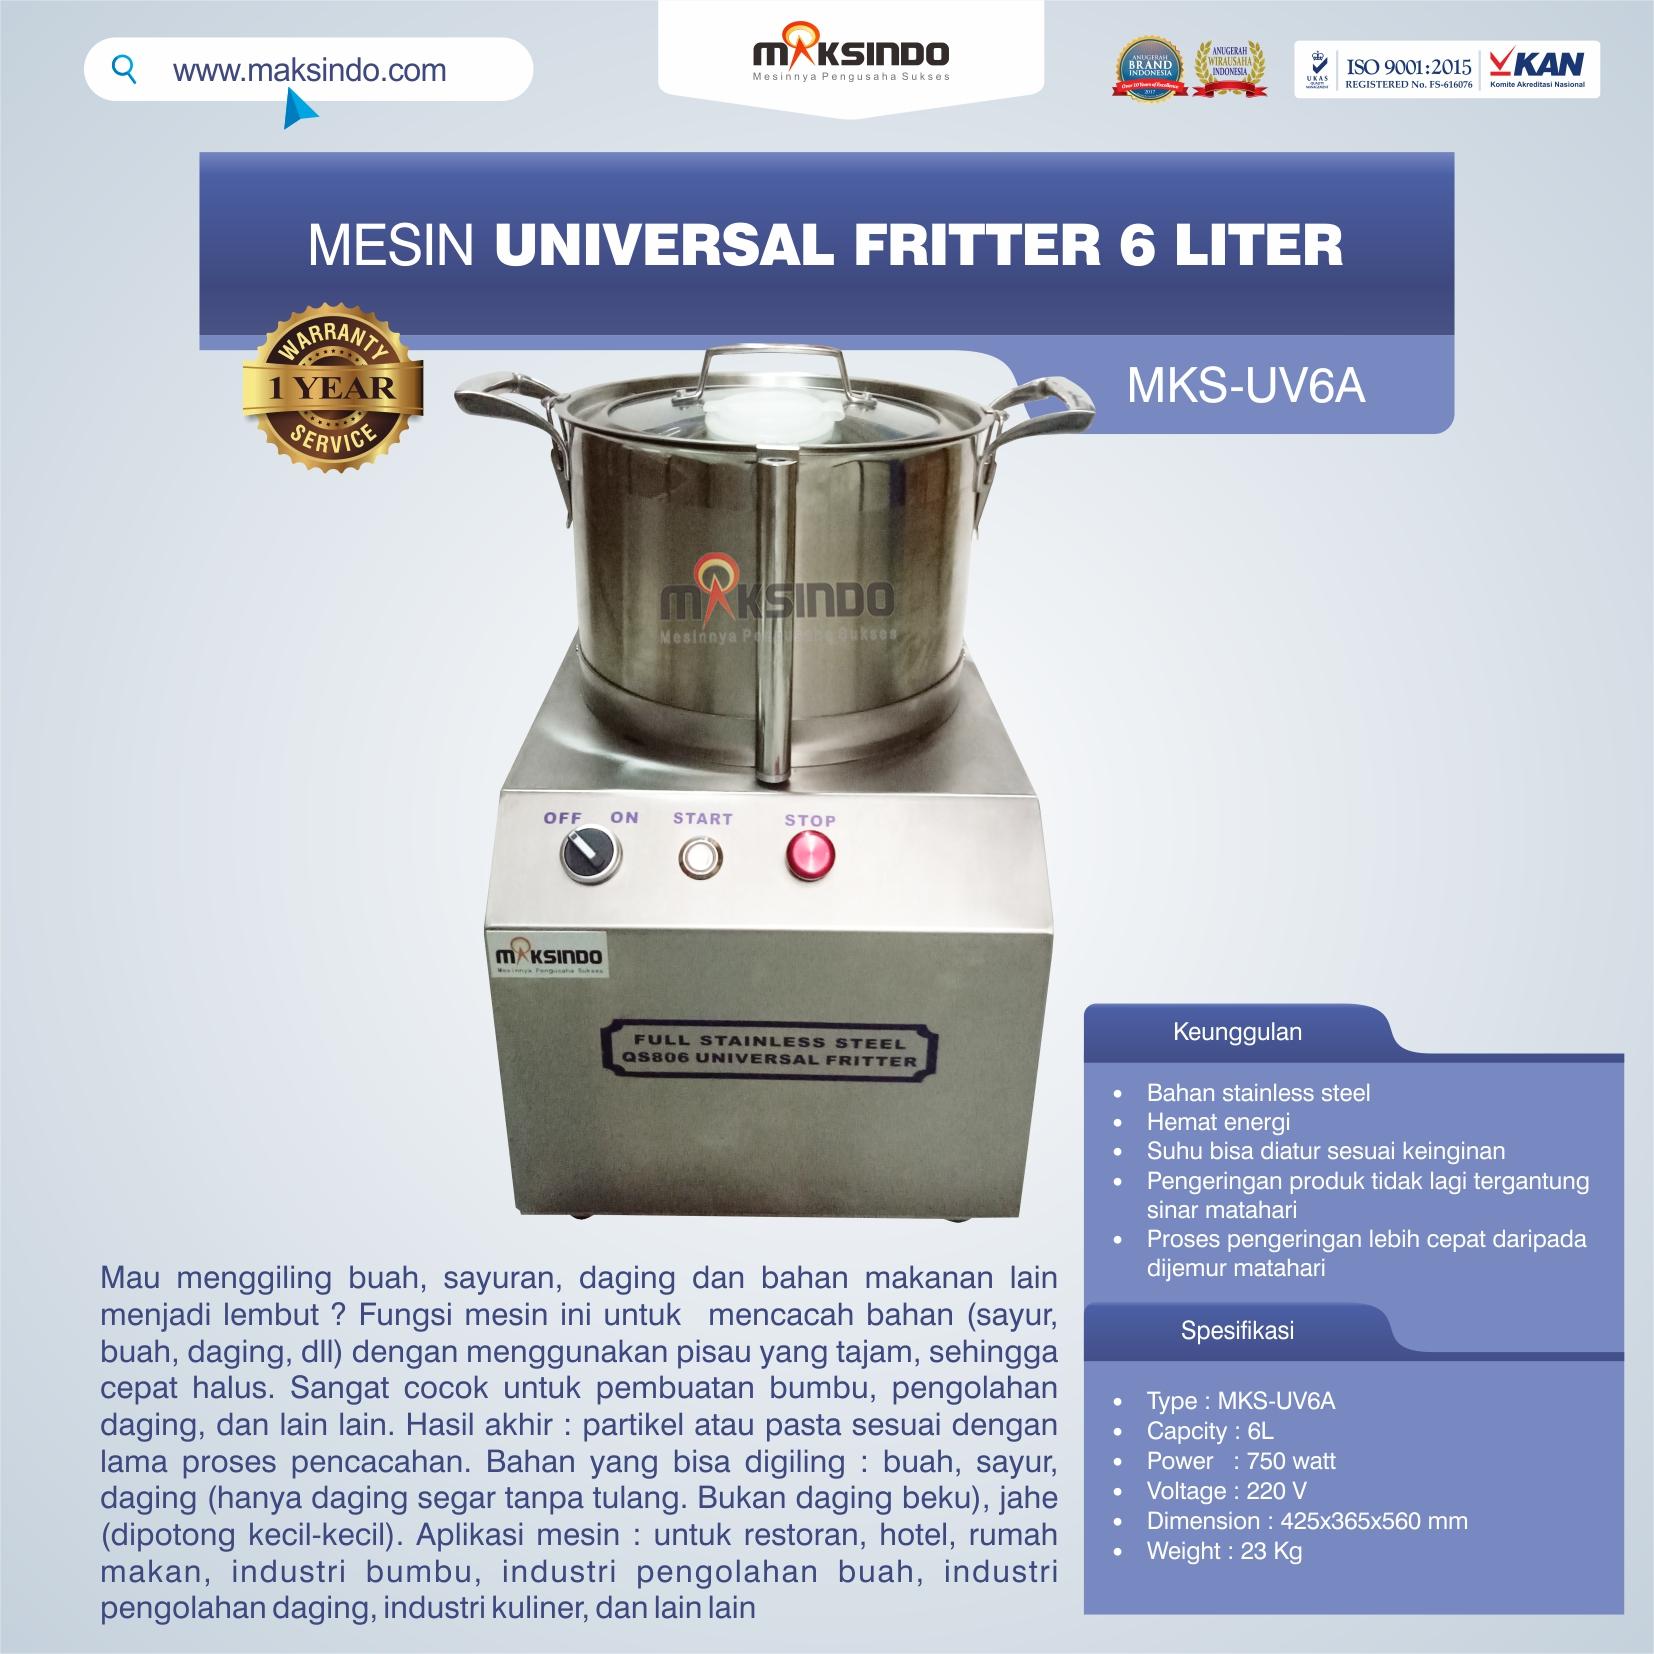 Jual Universal Fritter 6 Liter (MKS-UV6A) di Bekasi